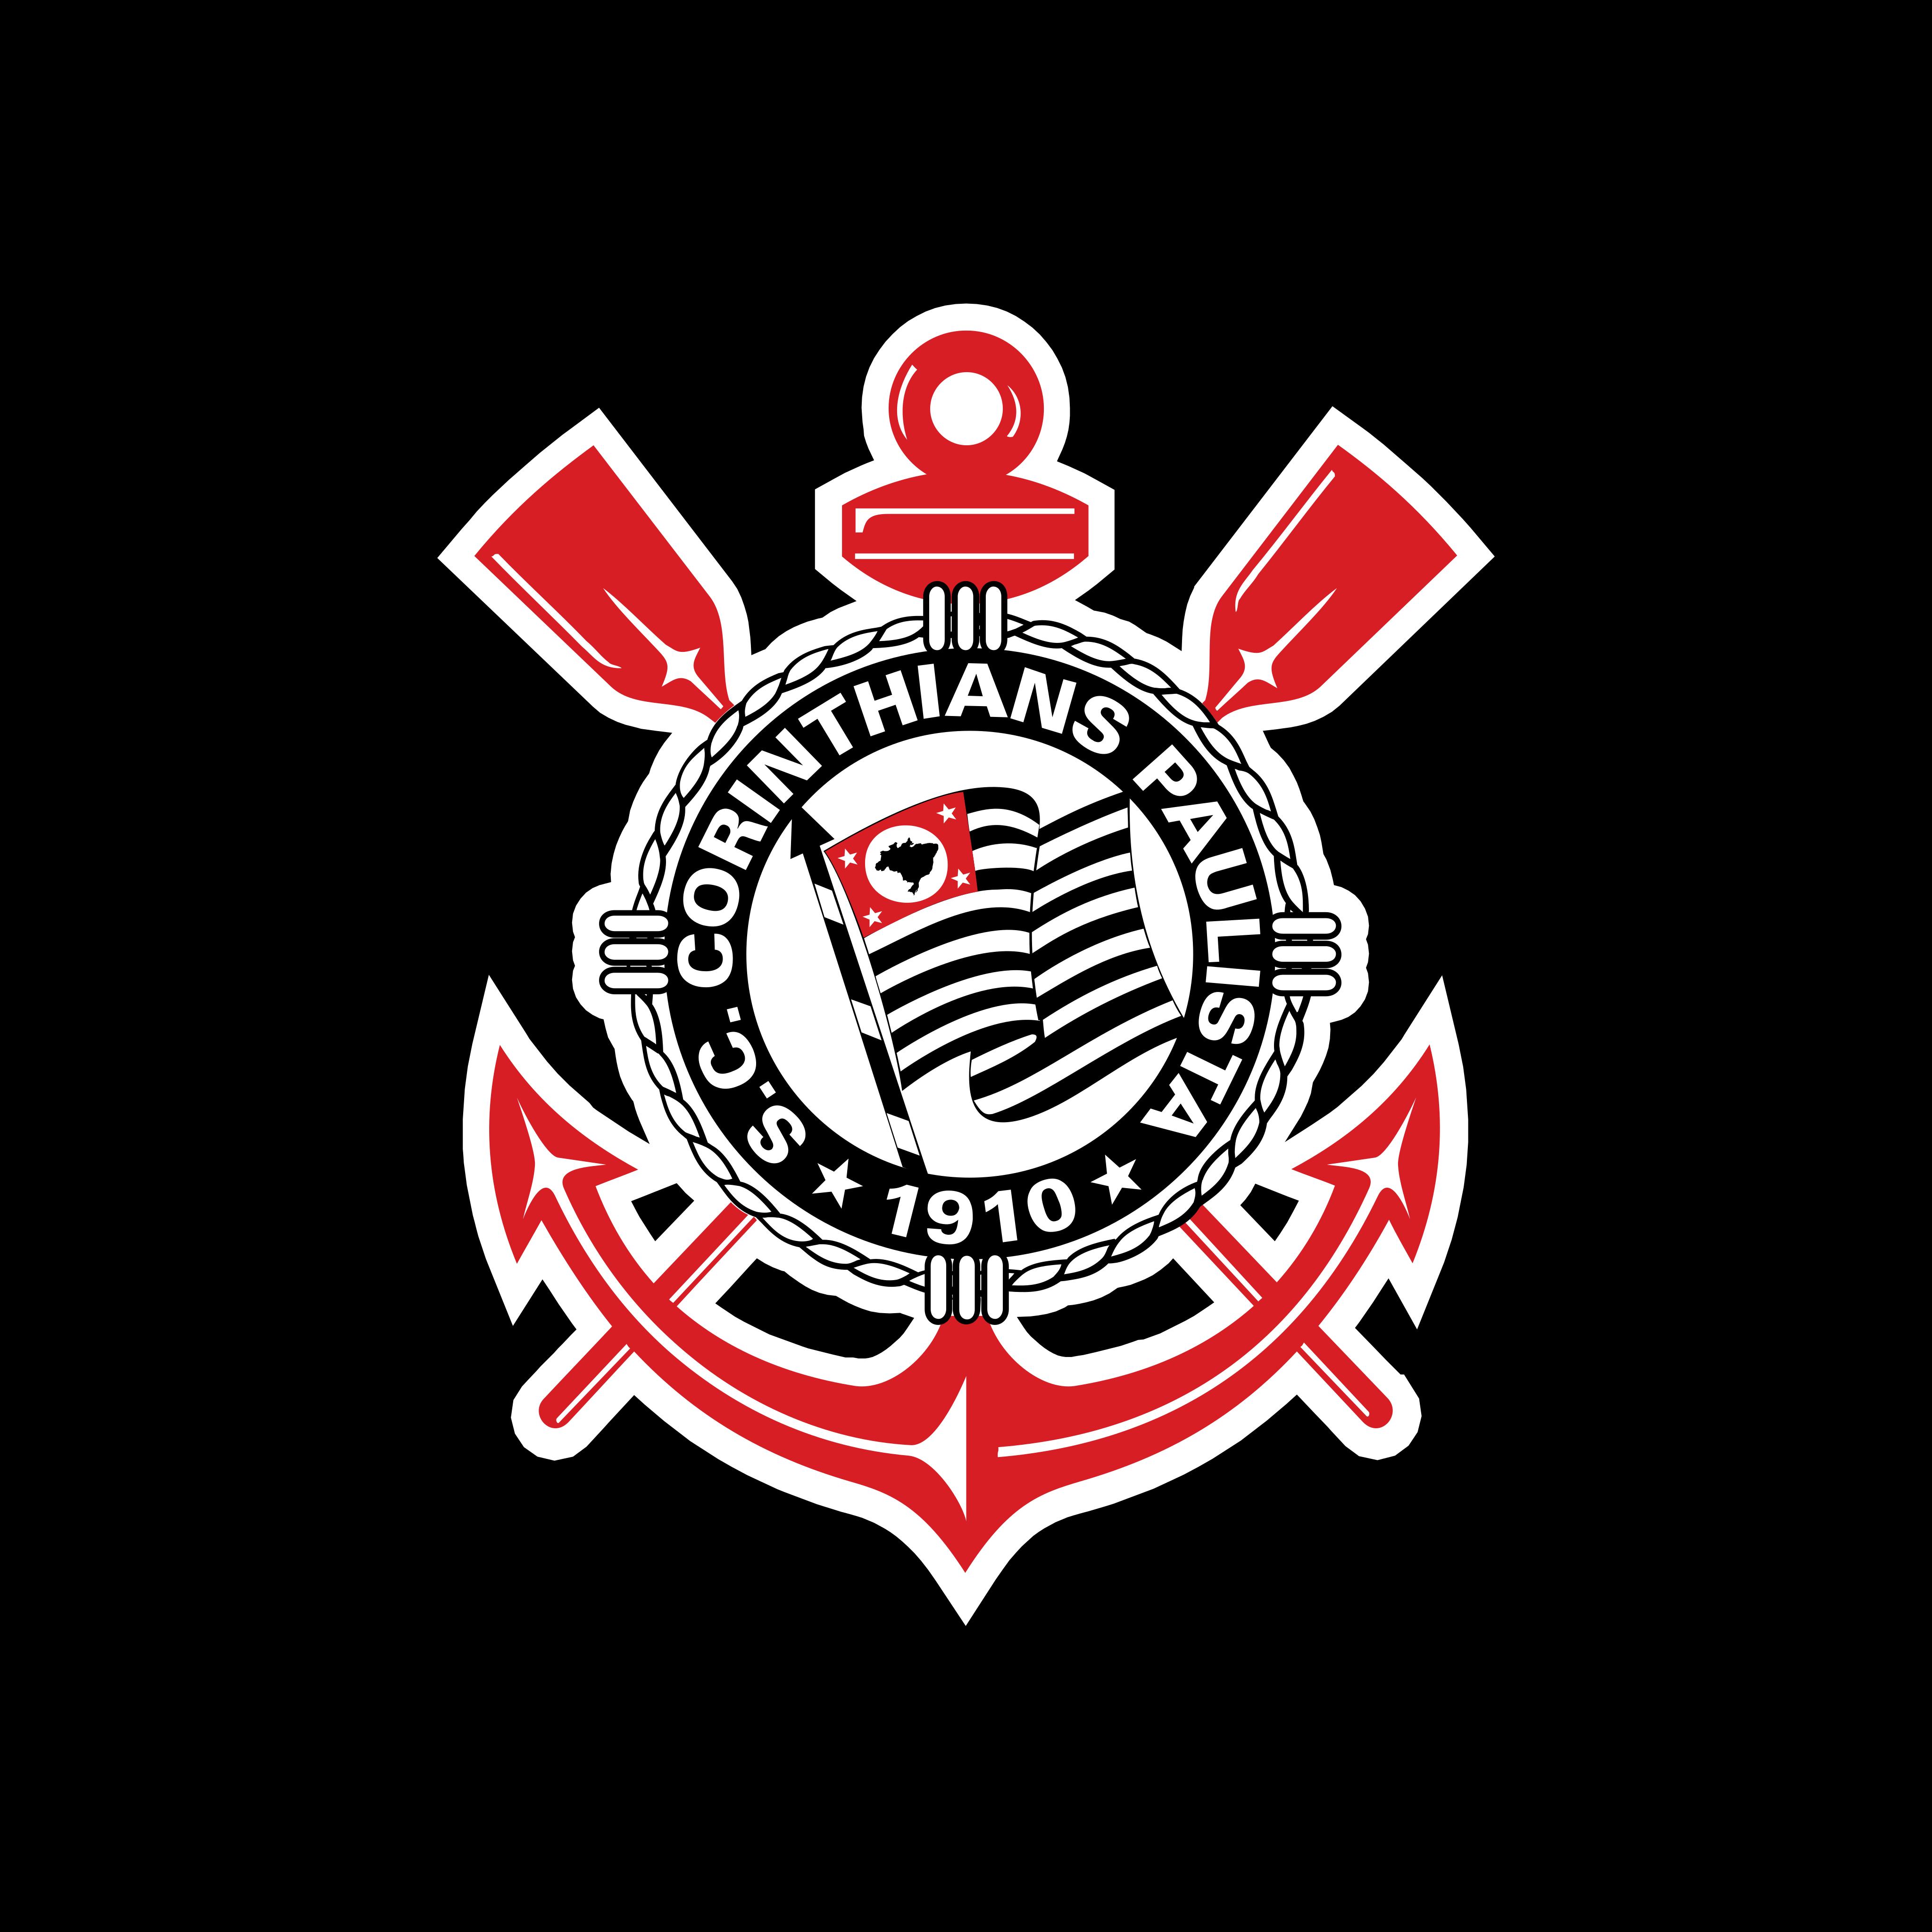 corinthians logo 0 - Corinthians Logo